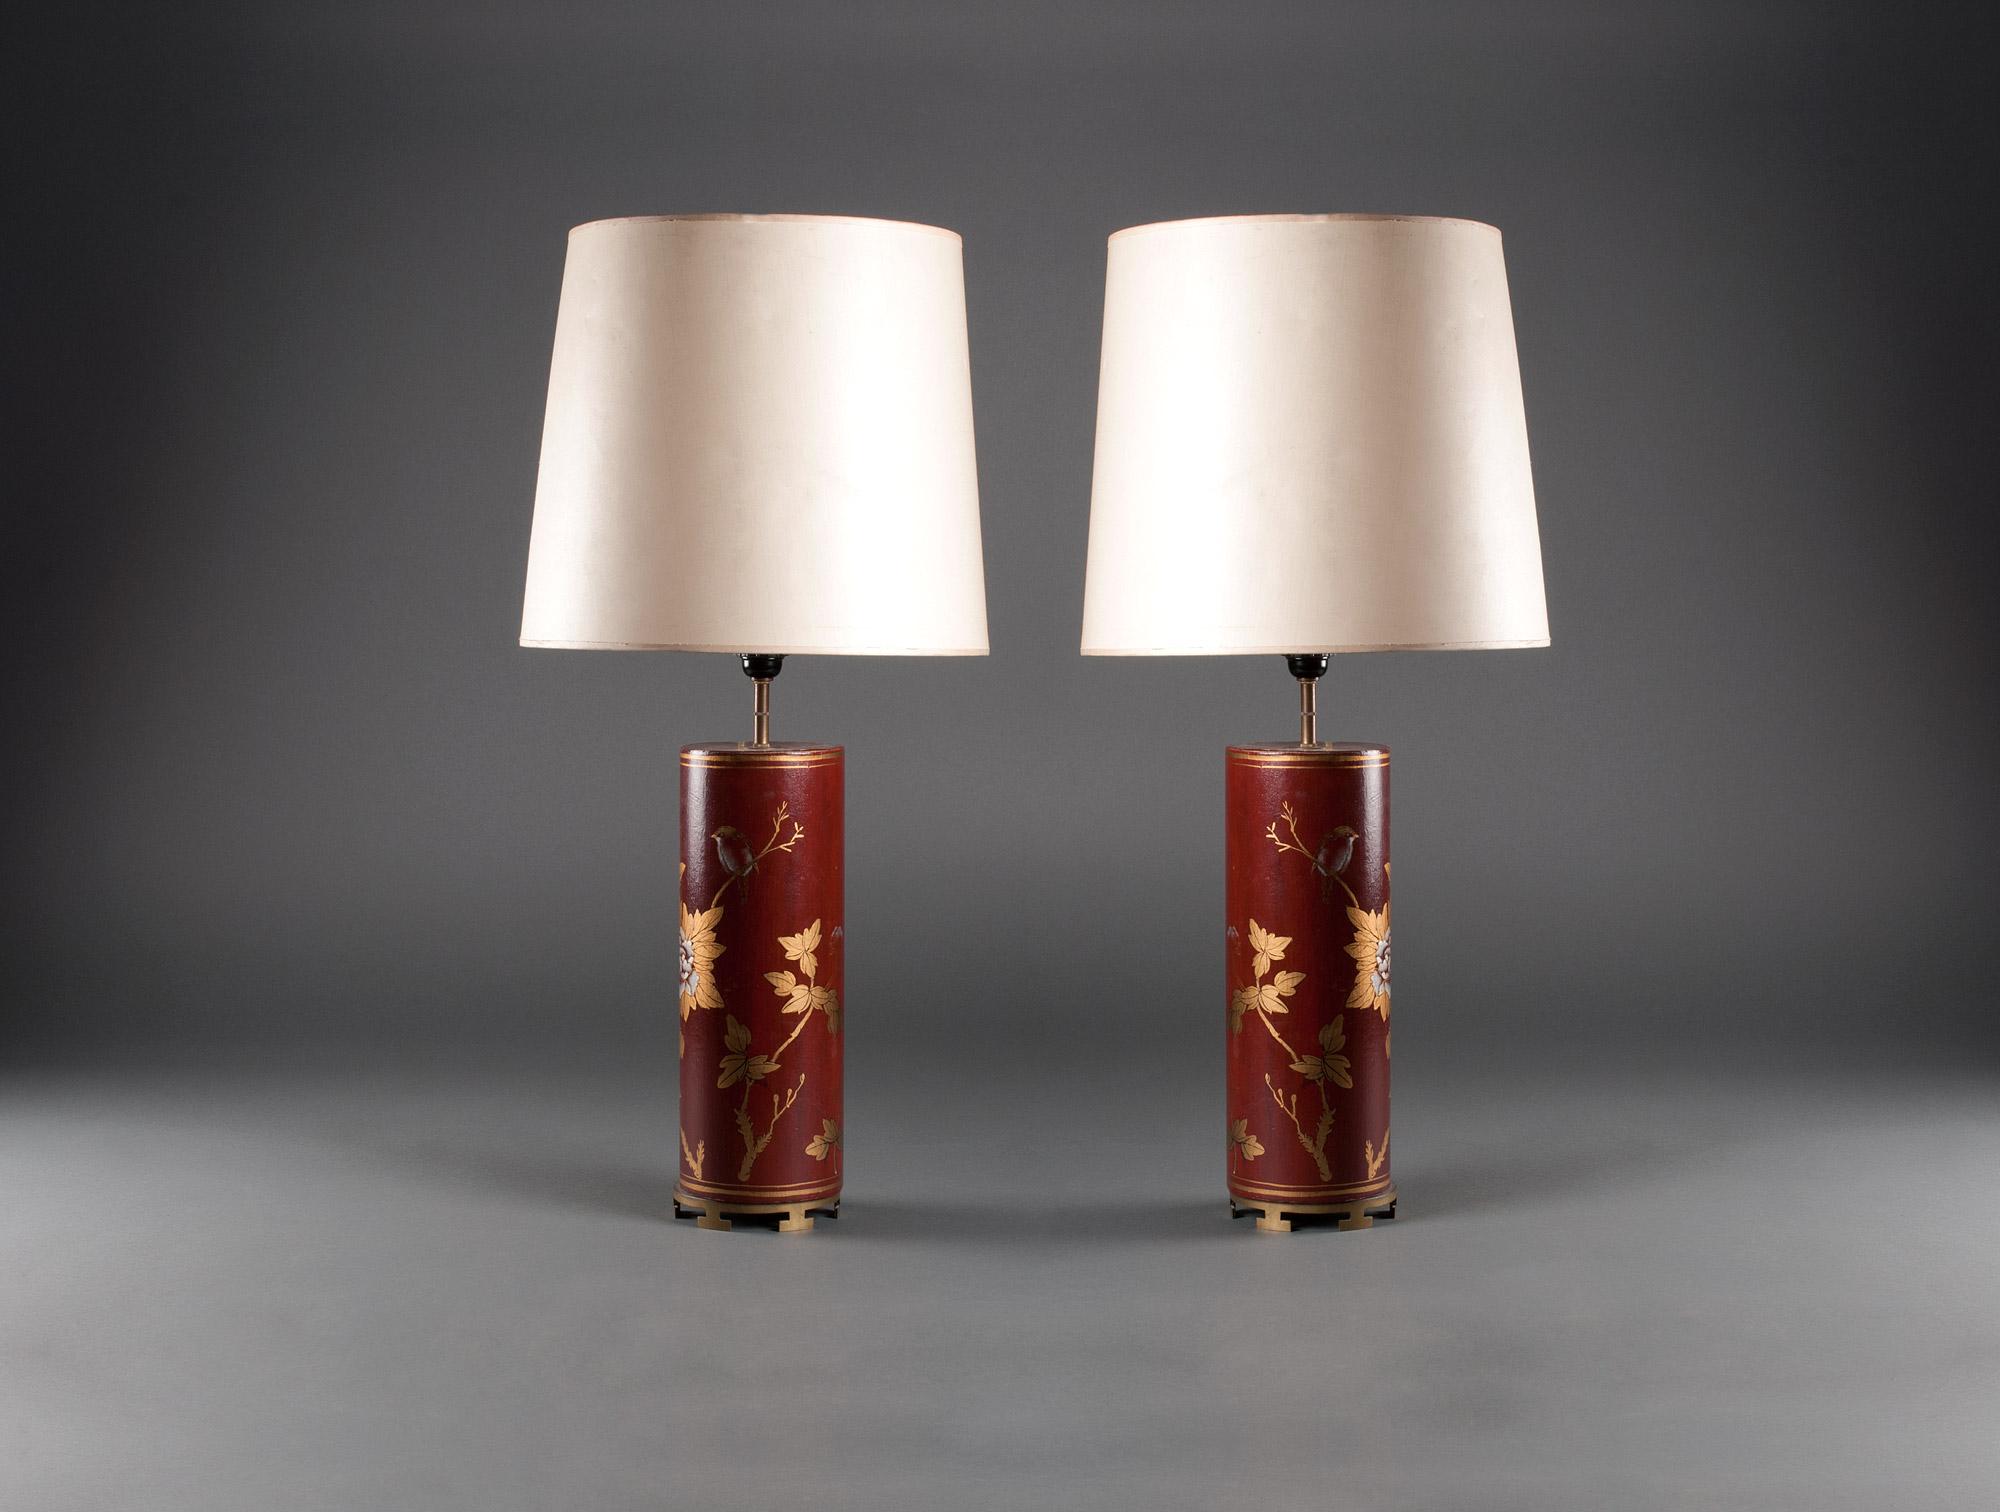 paire de lampes asiatiques soubrier louer luminaires lampe xxe. Black Bedroom Furniture Sets. Home Design Ideas